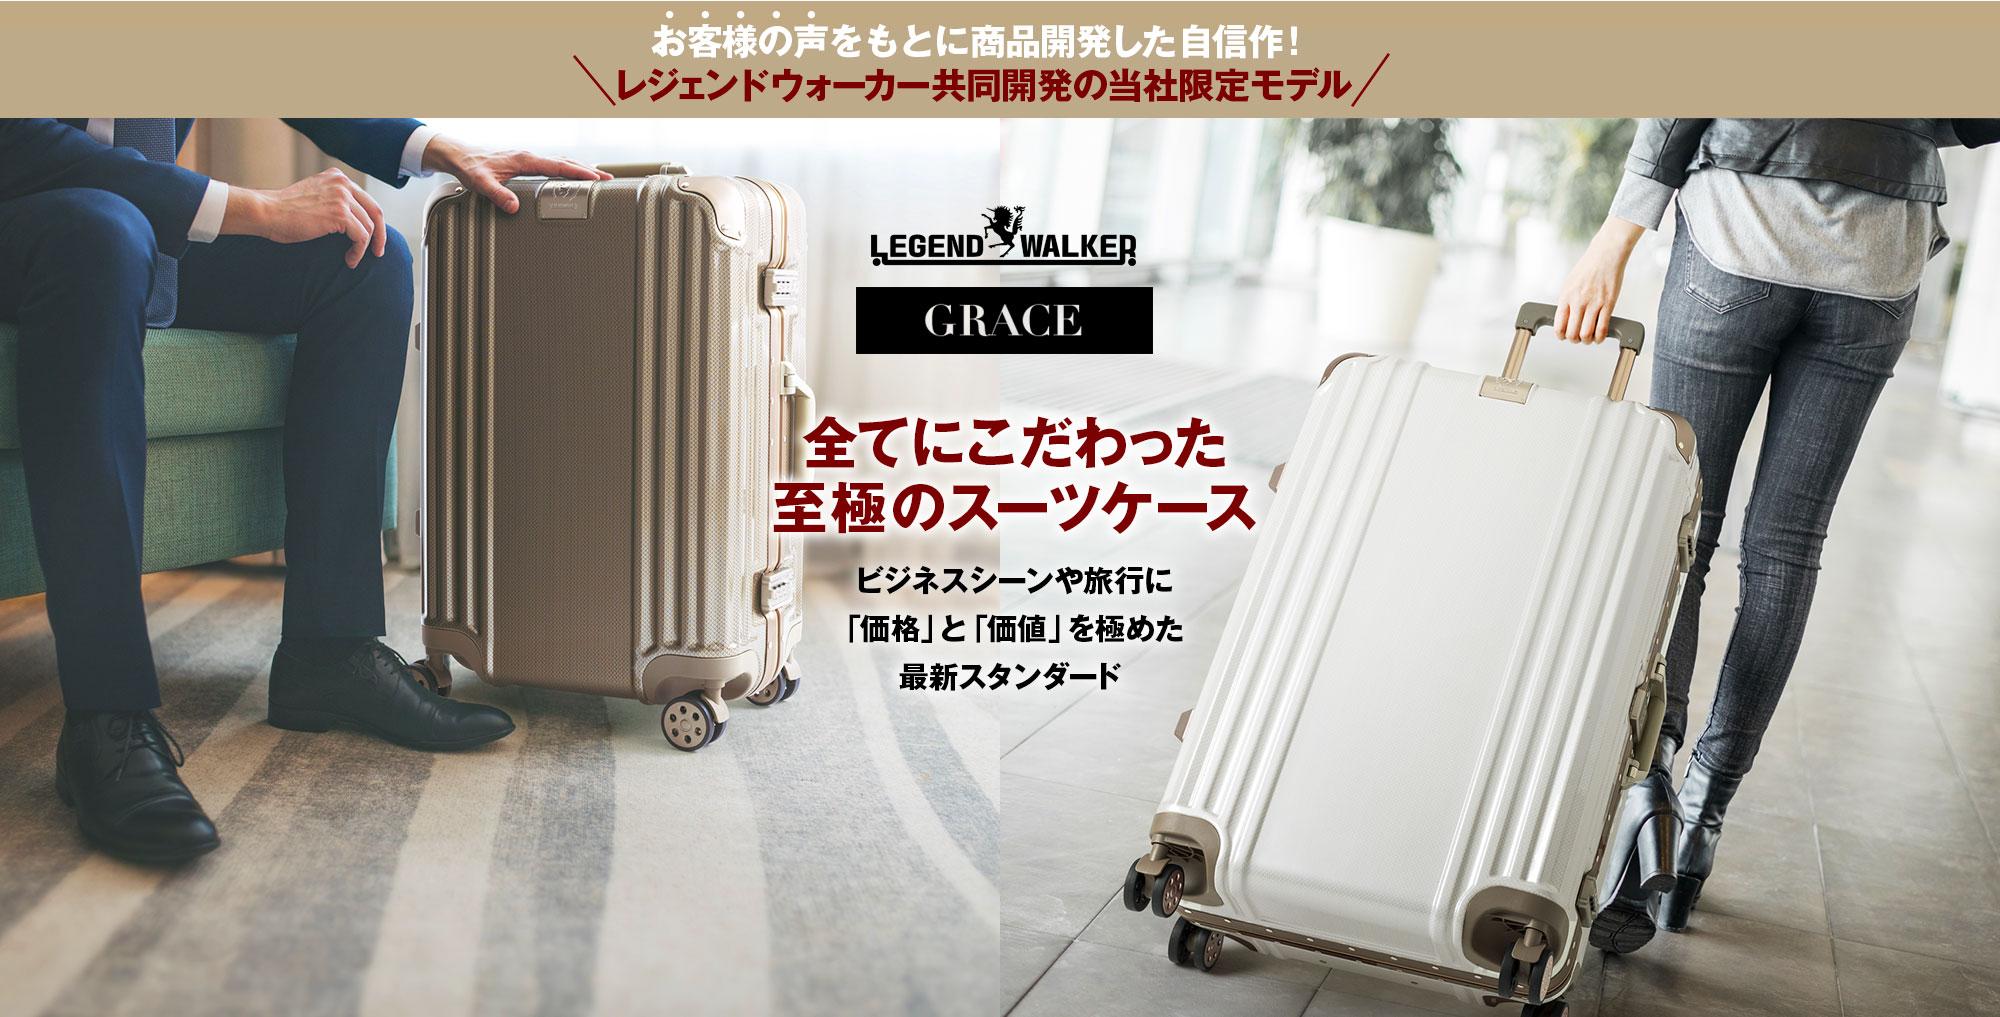 815766302f 楽天市場】スーツケース キャリーケース キャリーバッグ おしゃれ ...